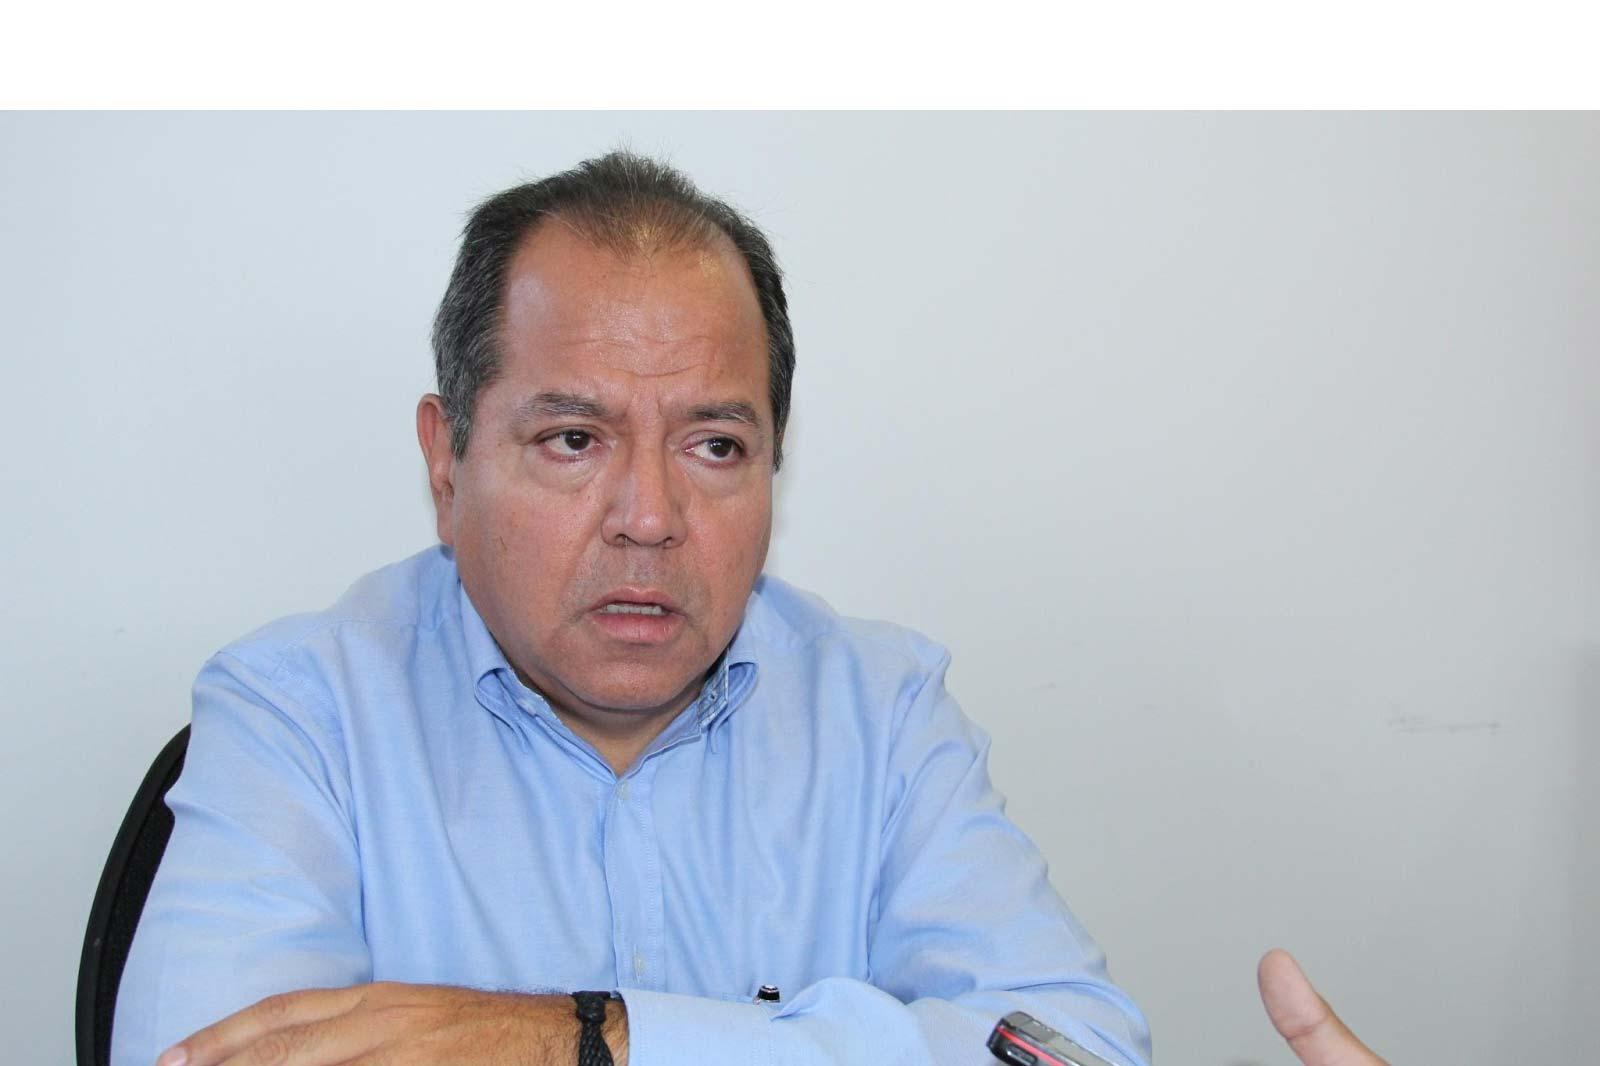 José Alfredo Araujo Esquinca instó a planear estrategias preventivas de cara a la posible escasez de agua